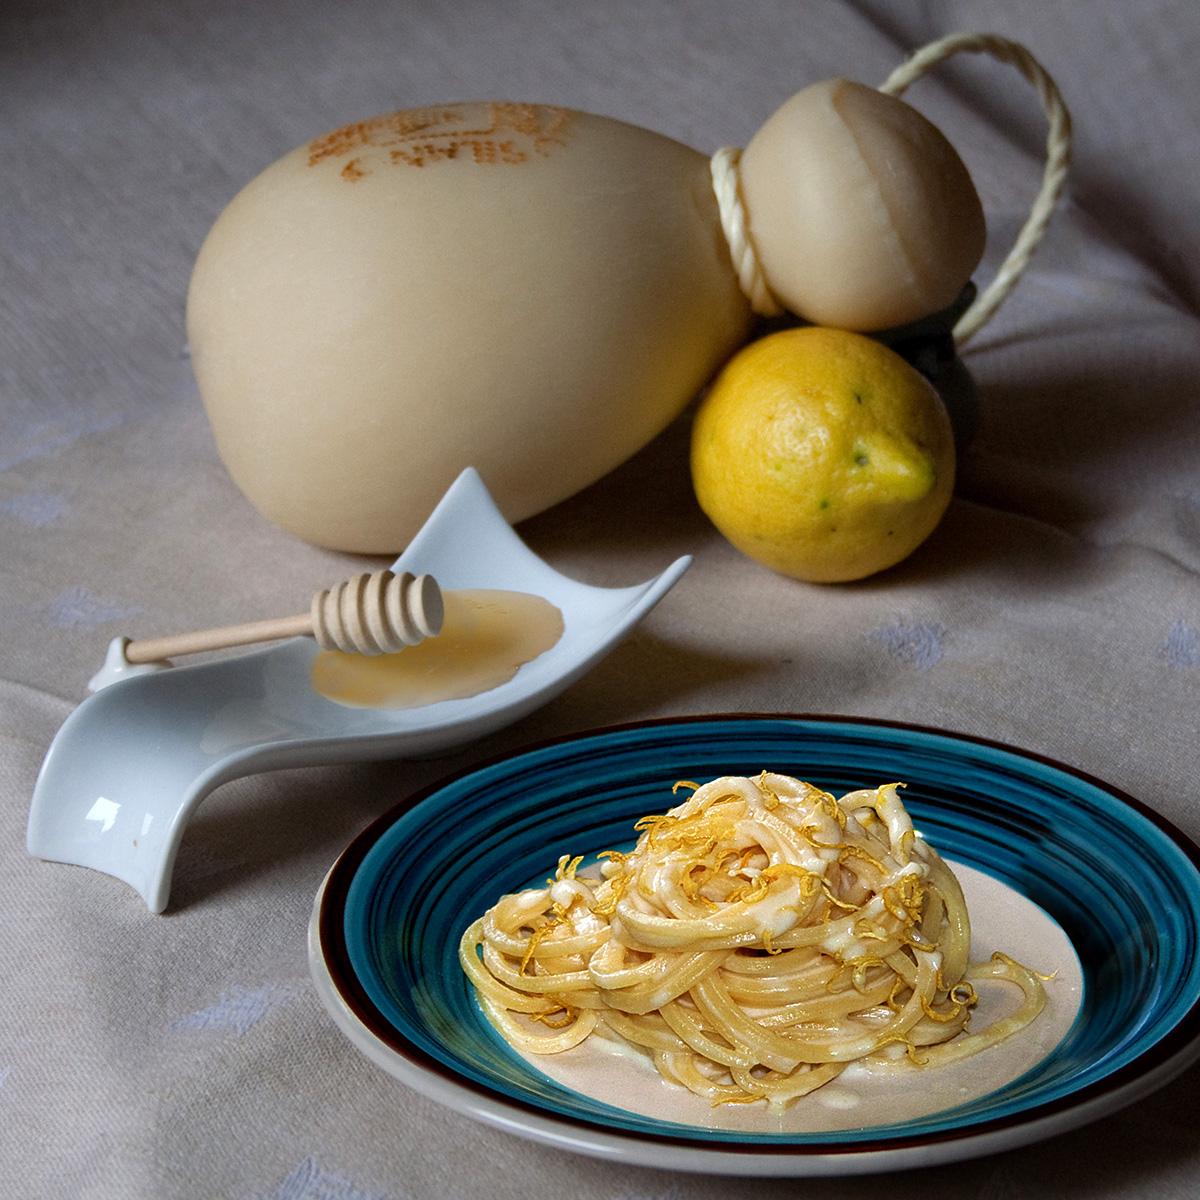 http://blog.giallozafferano.it/cucinadiclaudio/wp-content/uploads/2016/02/spaghetti-caciocavallo-miele-2-1200.jpg